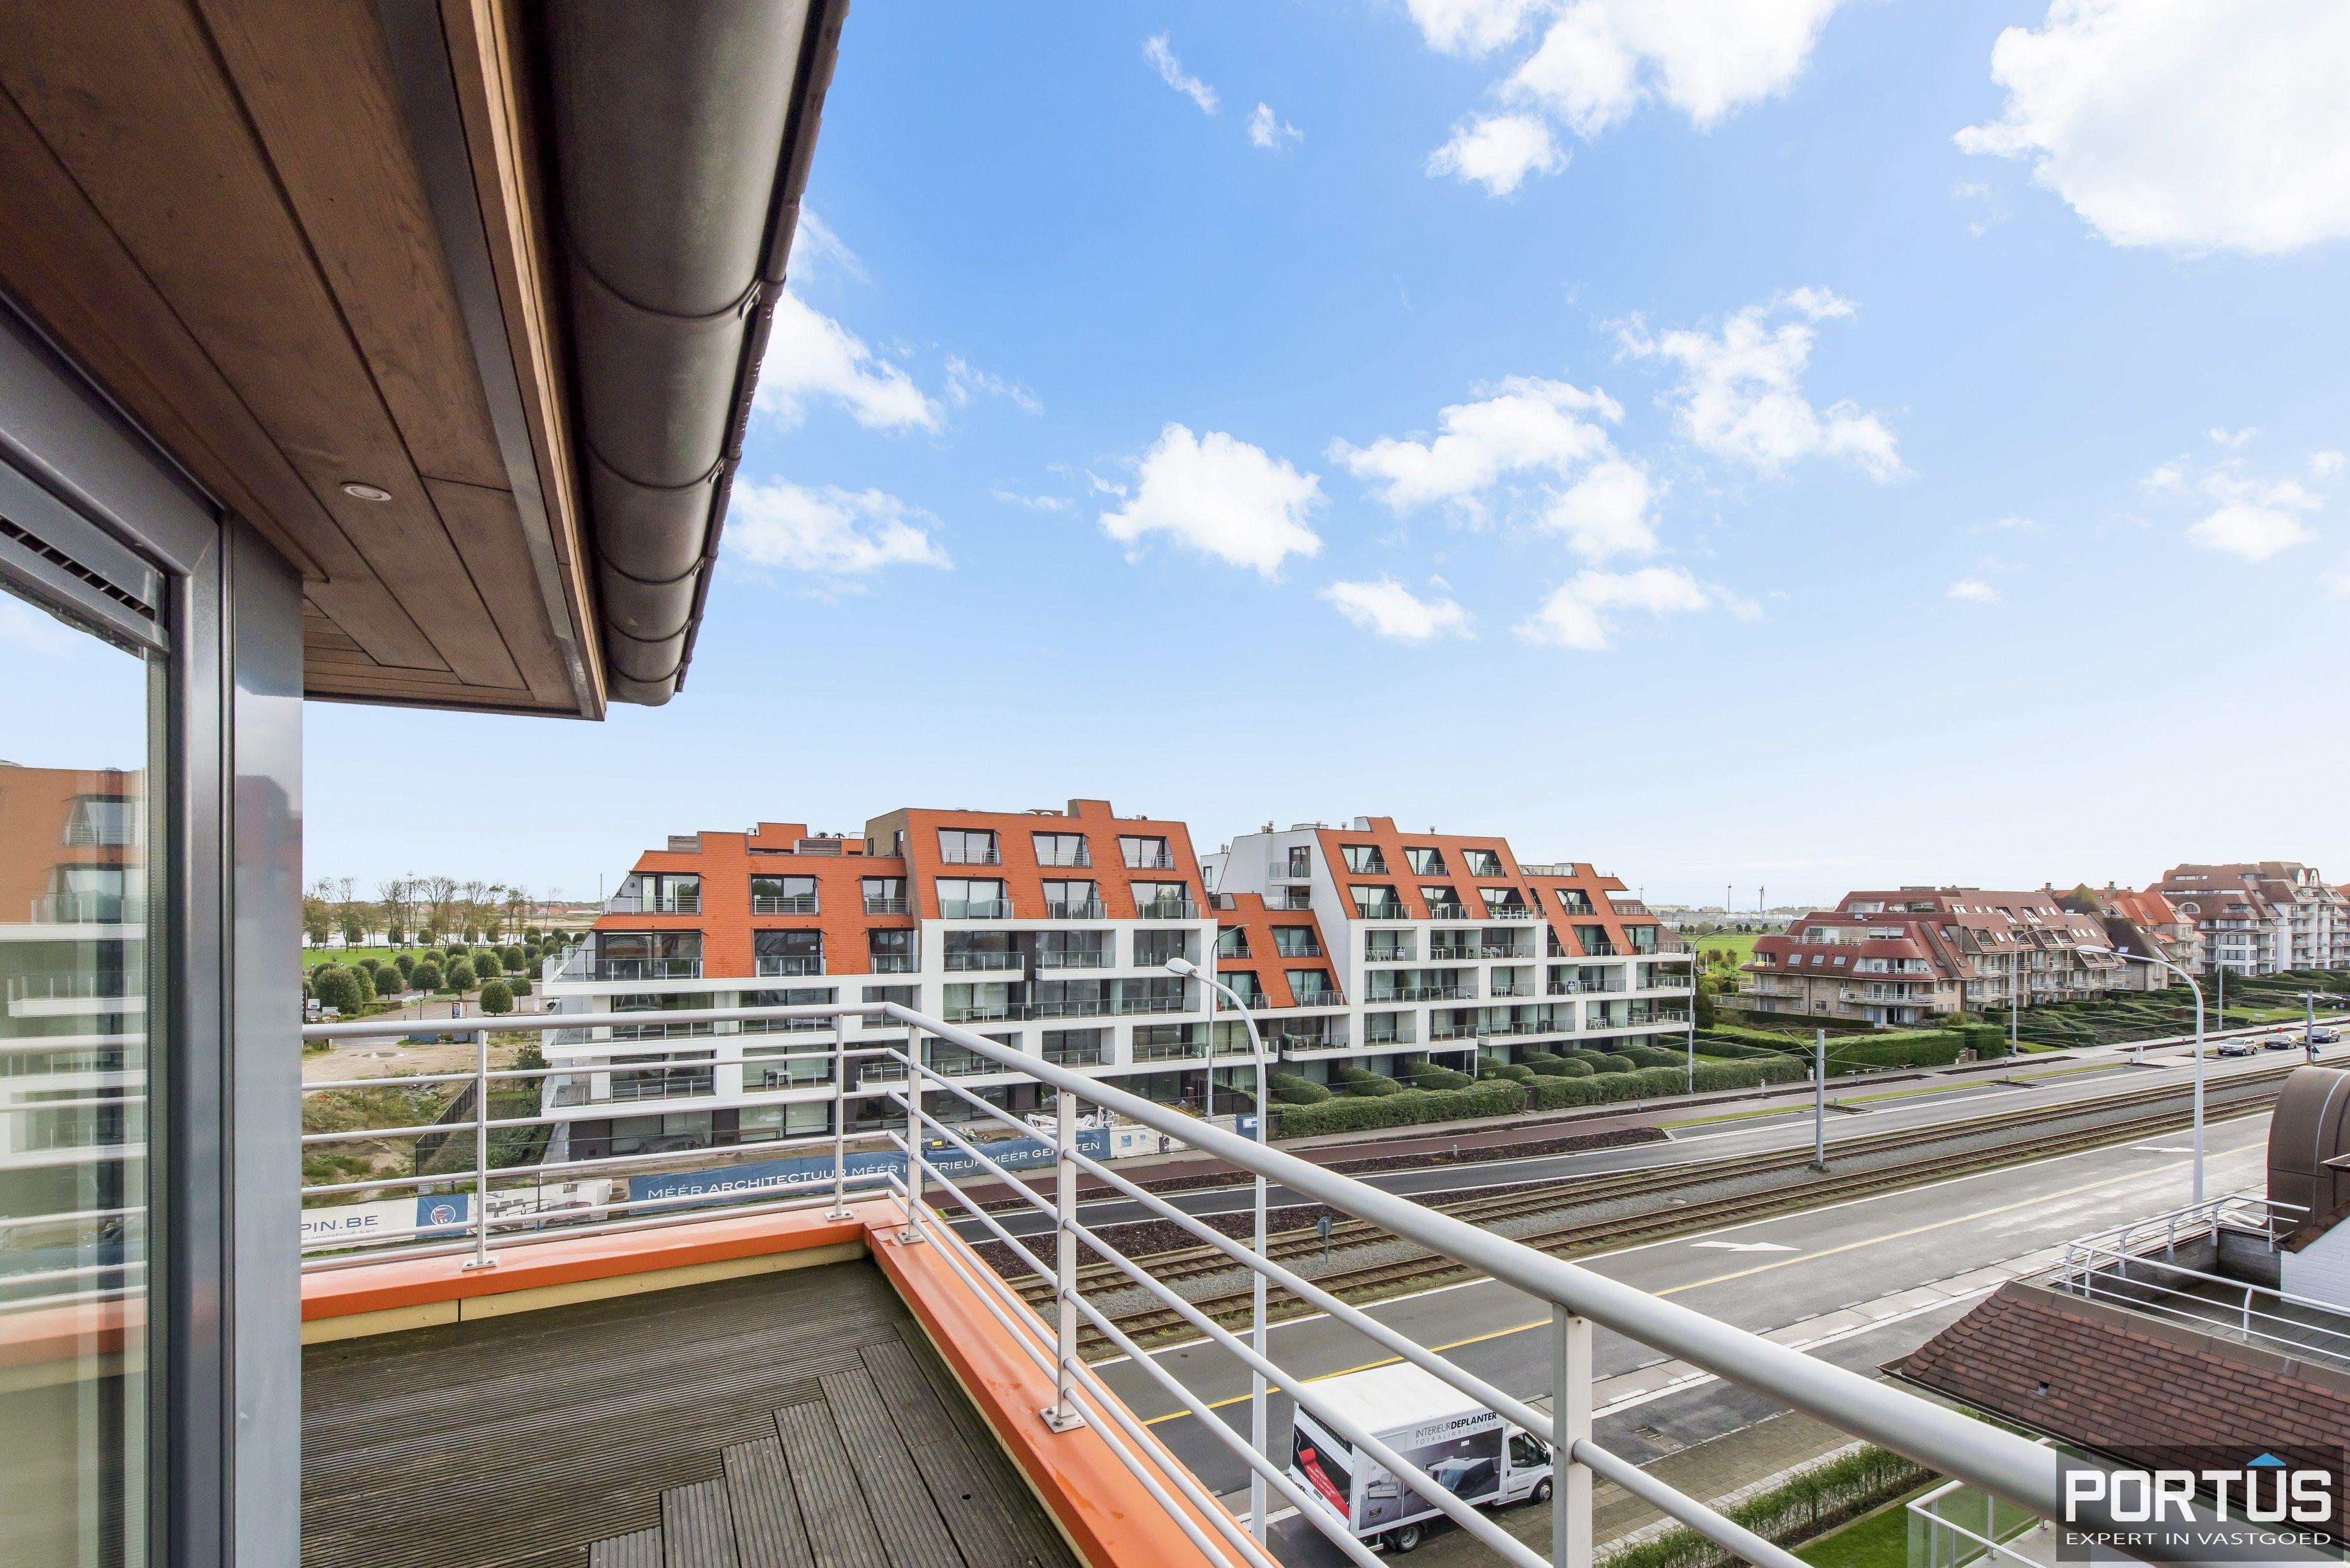 Instapklaar zongericht appartement met 2 slaapkamers te koop in Nieuwpoort - 10008